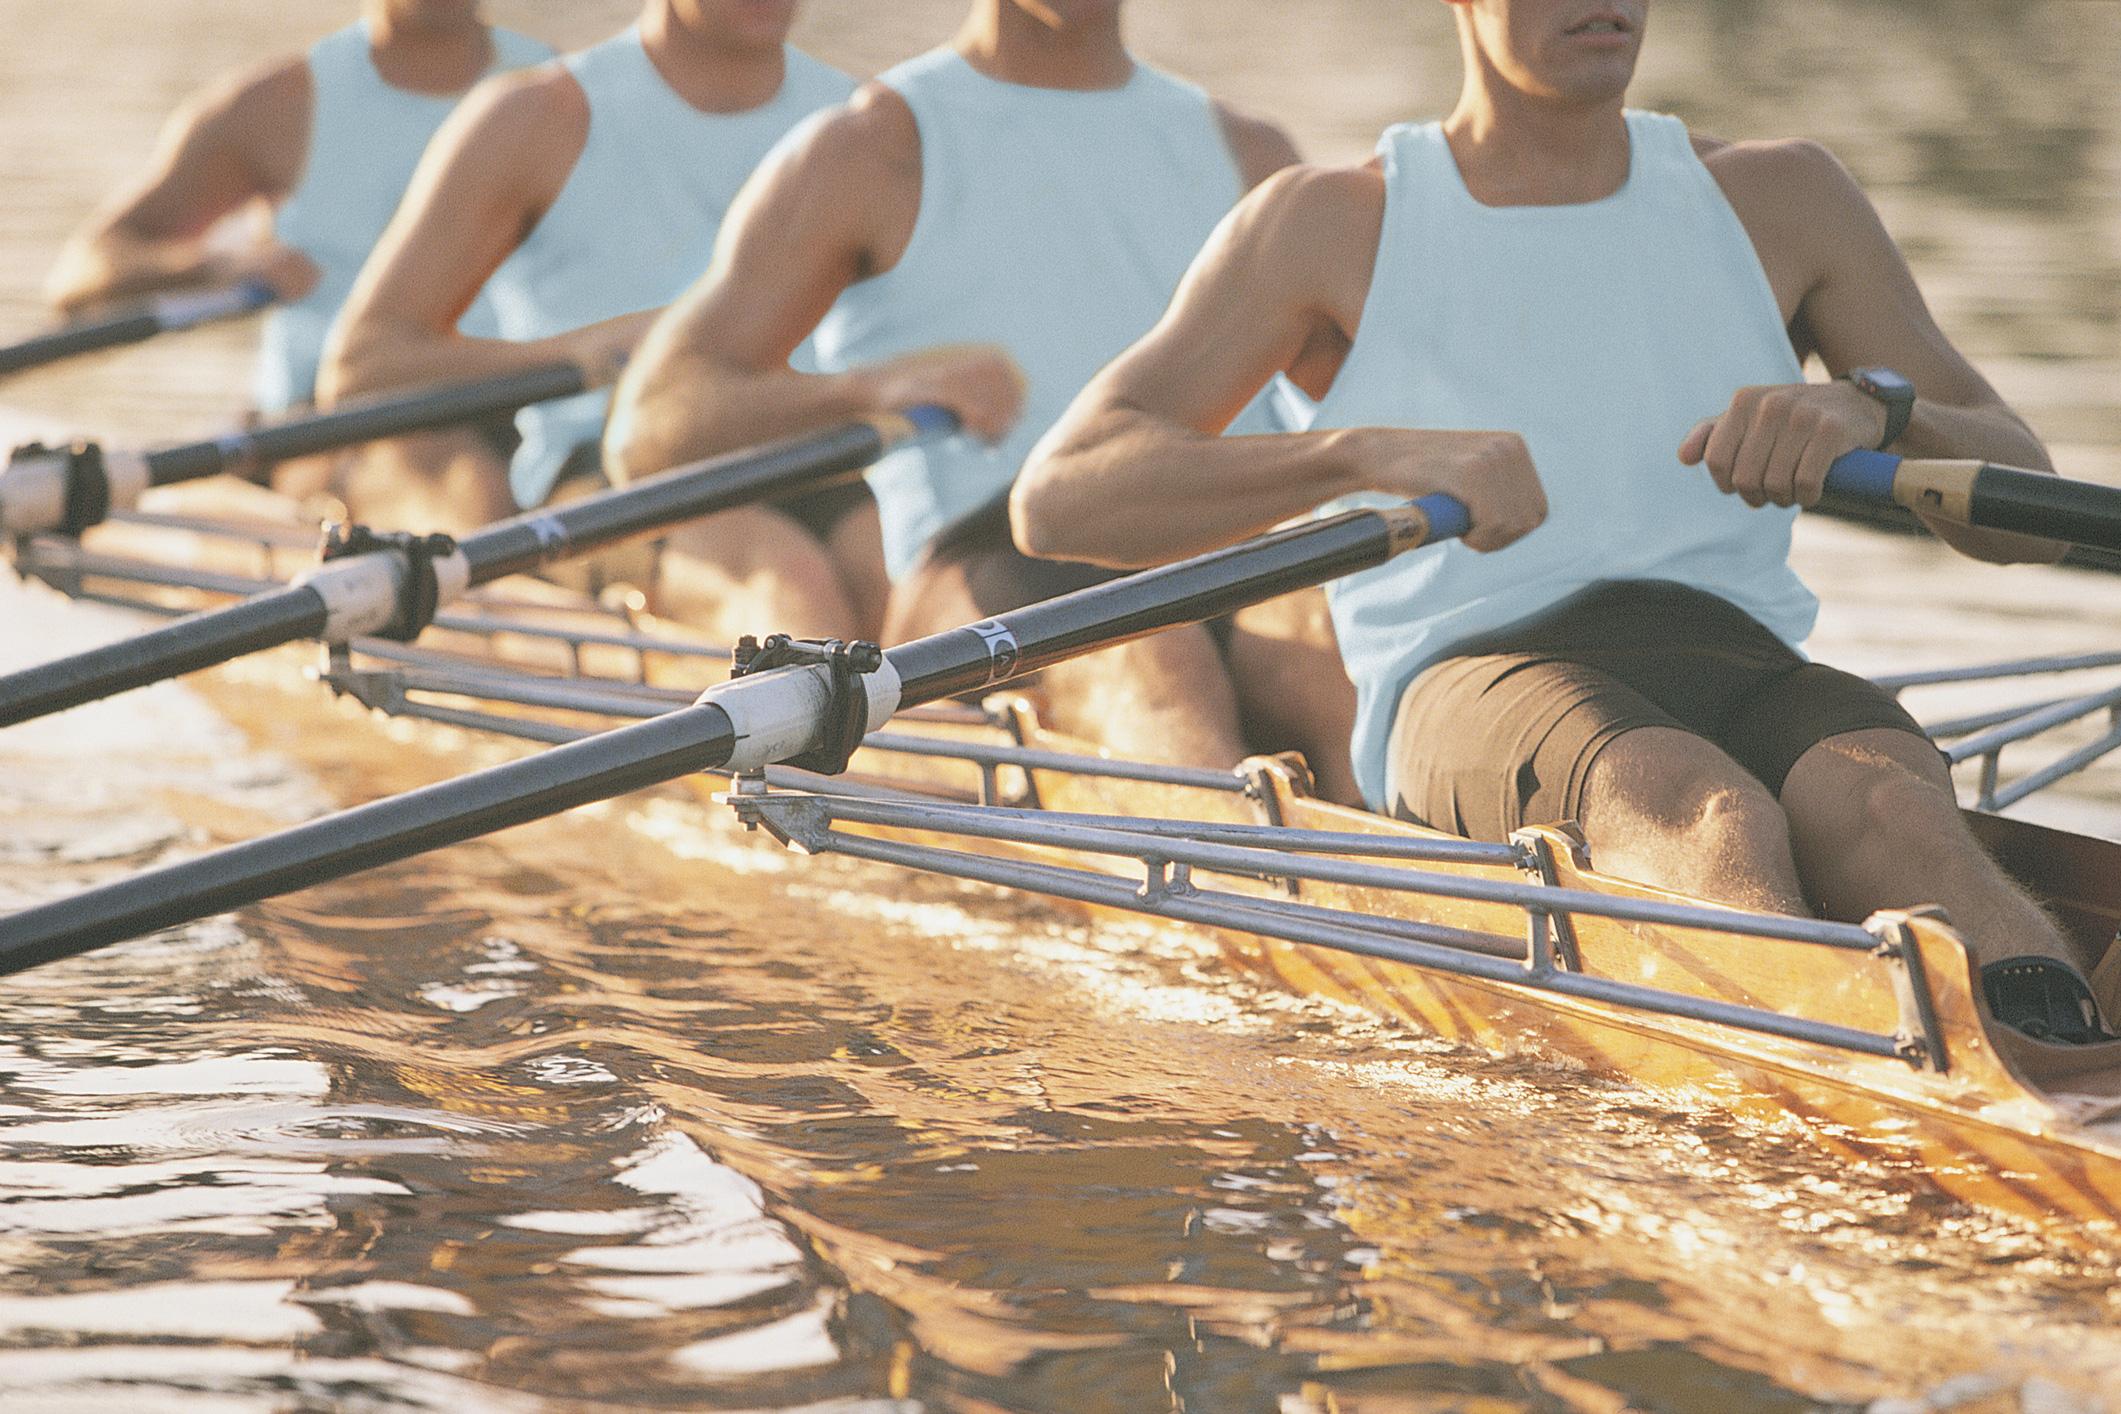 ZielNavigation - ZielNavigation ist ein systematischer Ansatz des Führens durch Ziele (Management by Objectives), der den Schwerpunkt auf Umsetzung unternehmerischer Vorgaben in die eigenverantworteten, messbaren Ziele von Teams, Führungskräften und Mitarbeitenden legt.